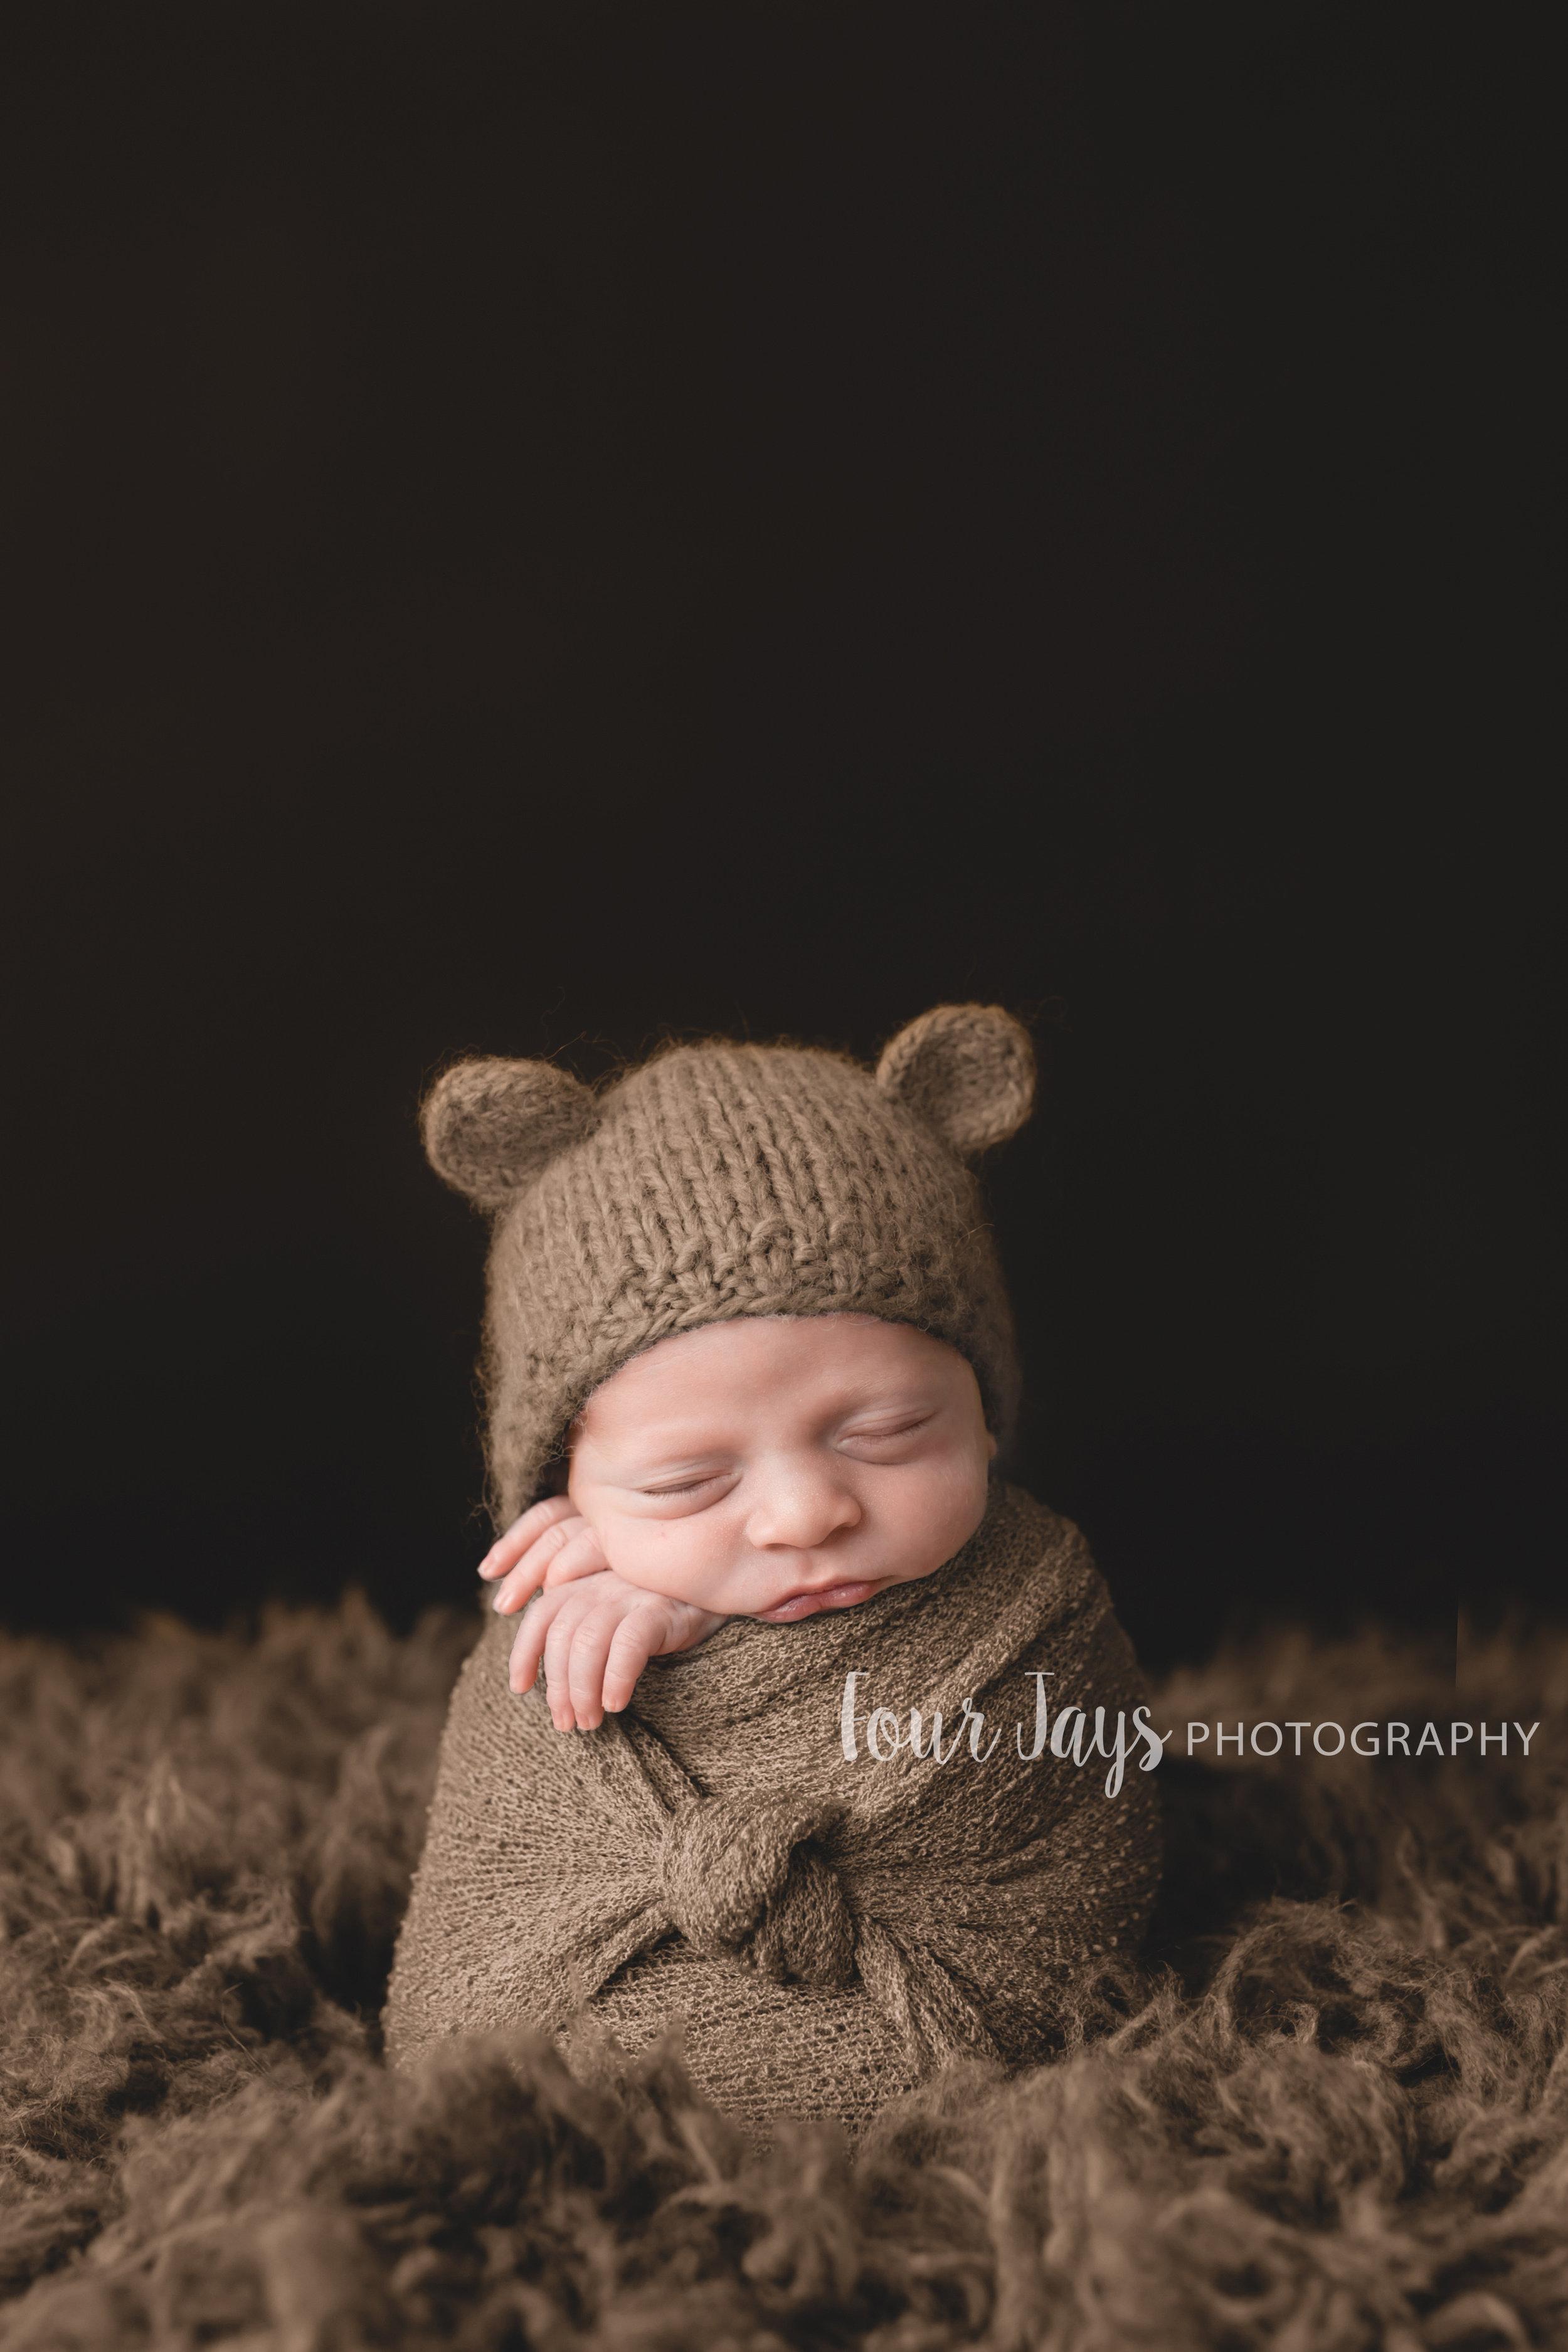 Potato bear wm.jpg